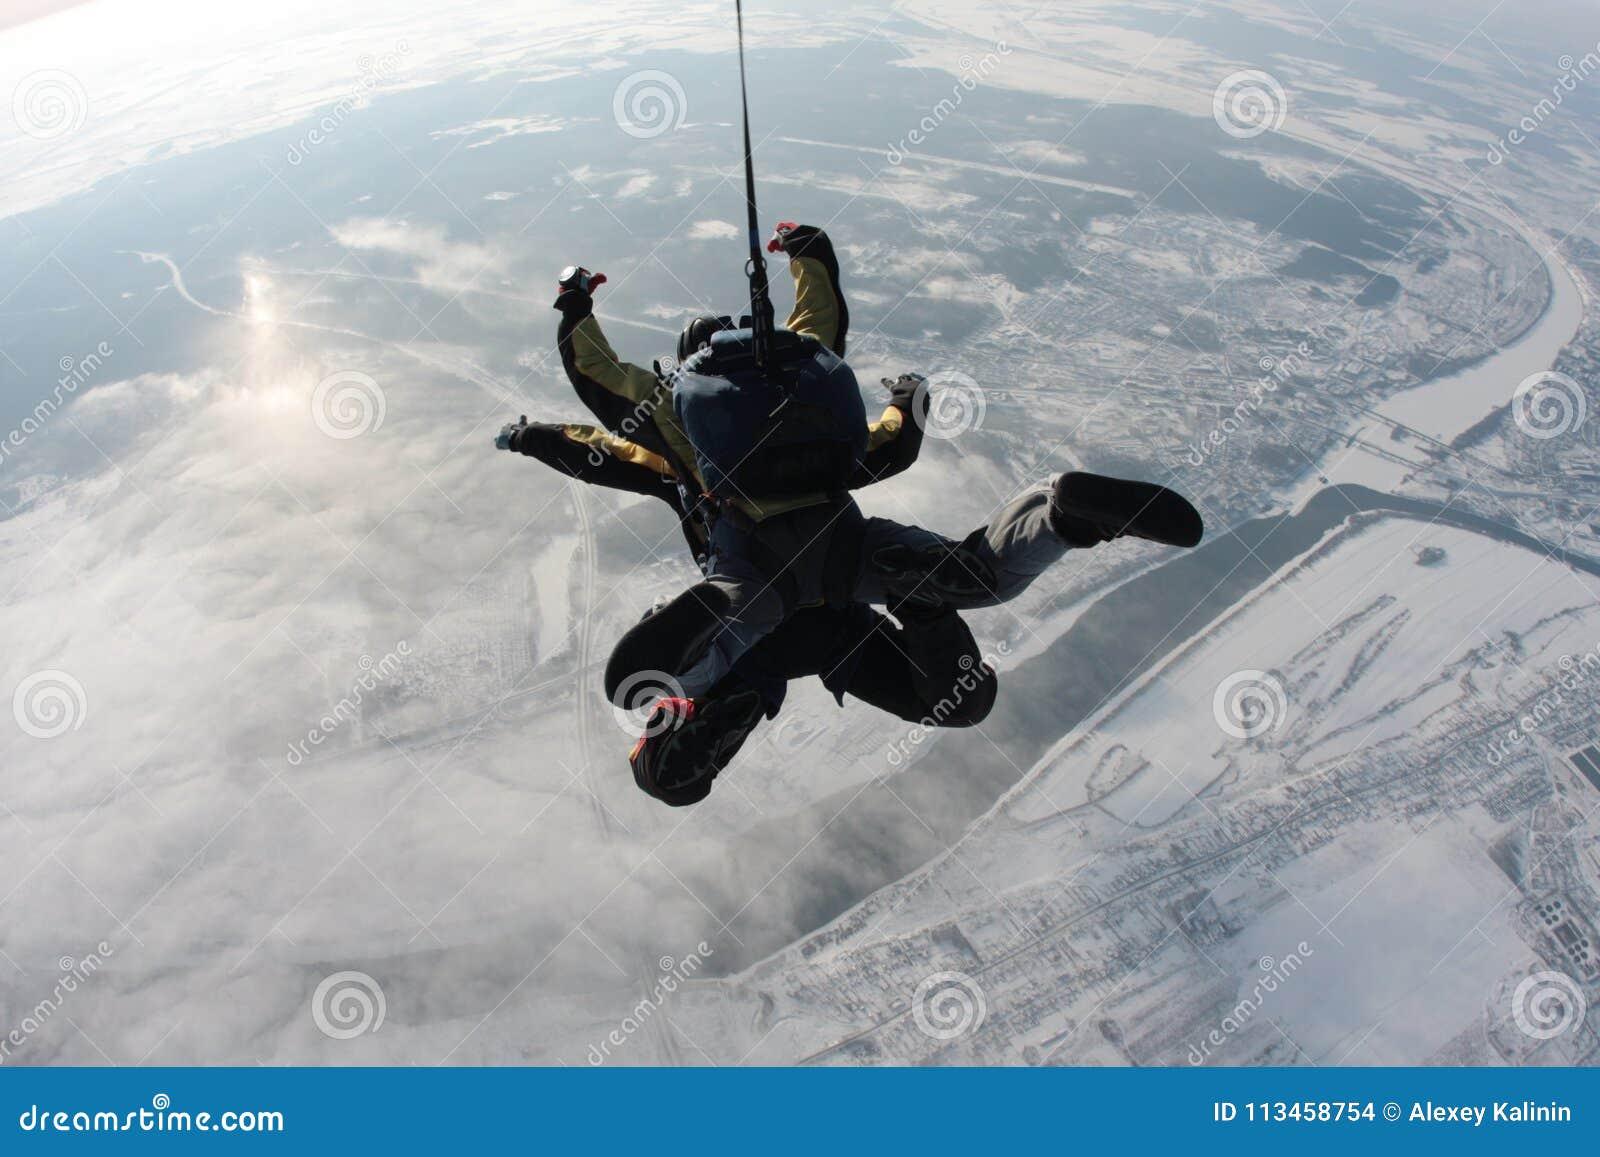 Saltando em queda livre o salto em tandem do plano na perspectiva da terra